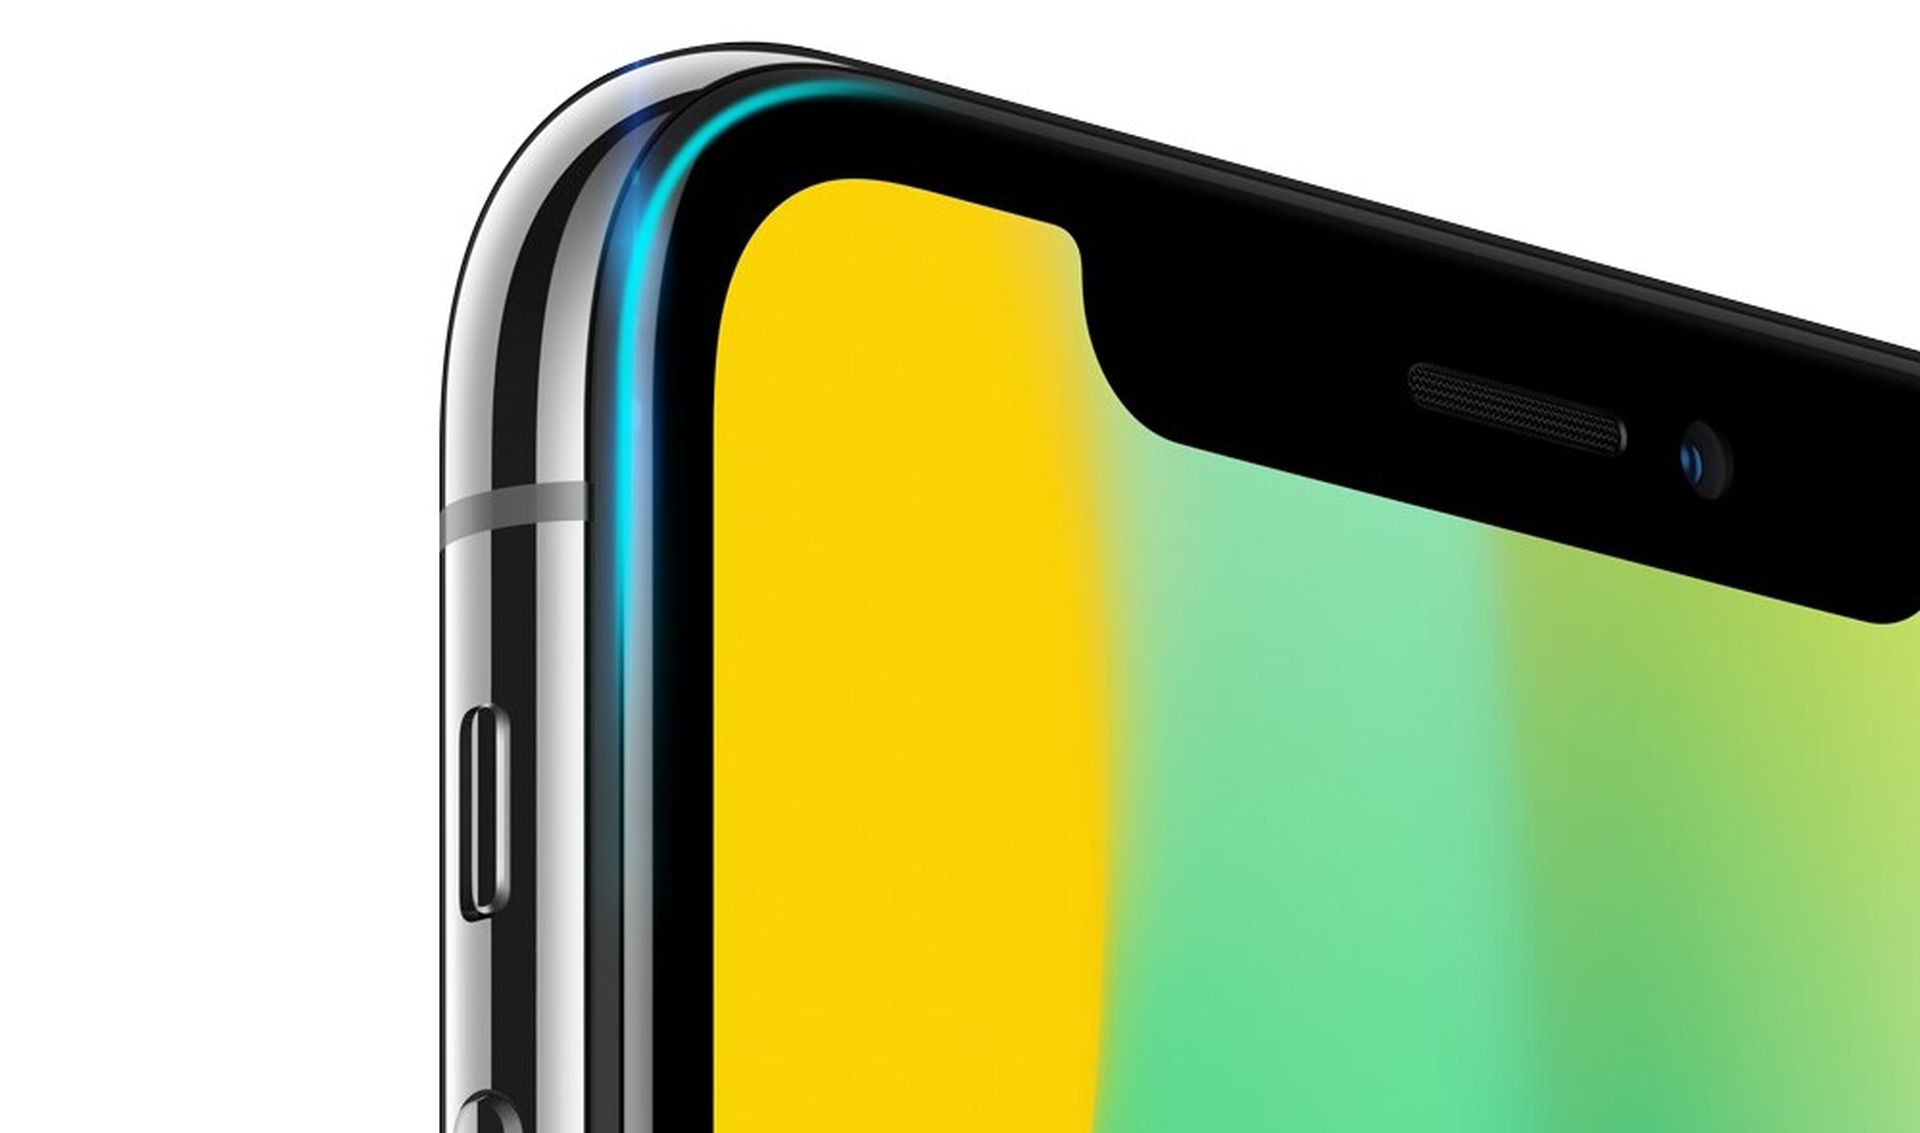 Konferencja z nowymi iPhone'ami odbędzie zgodnie z planem